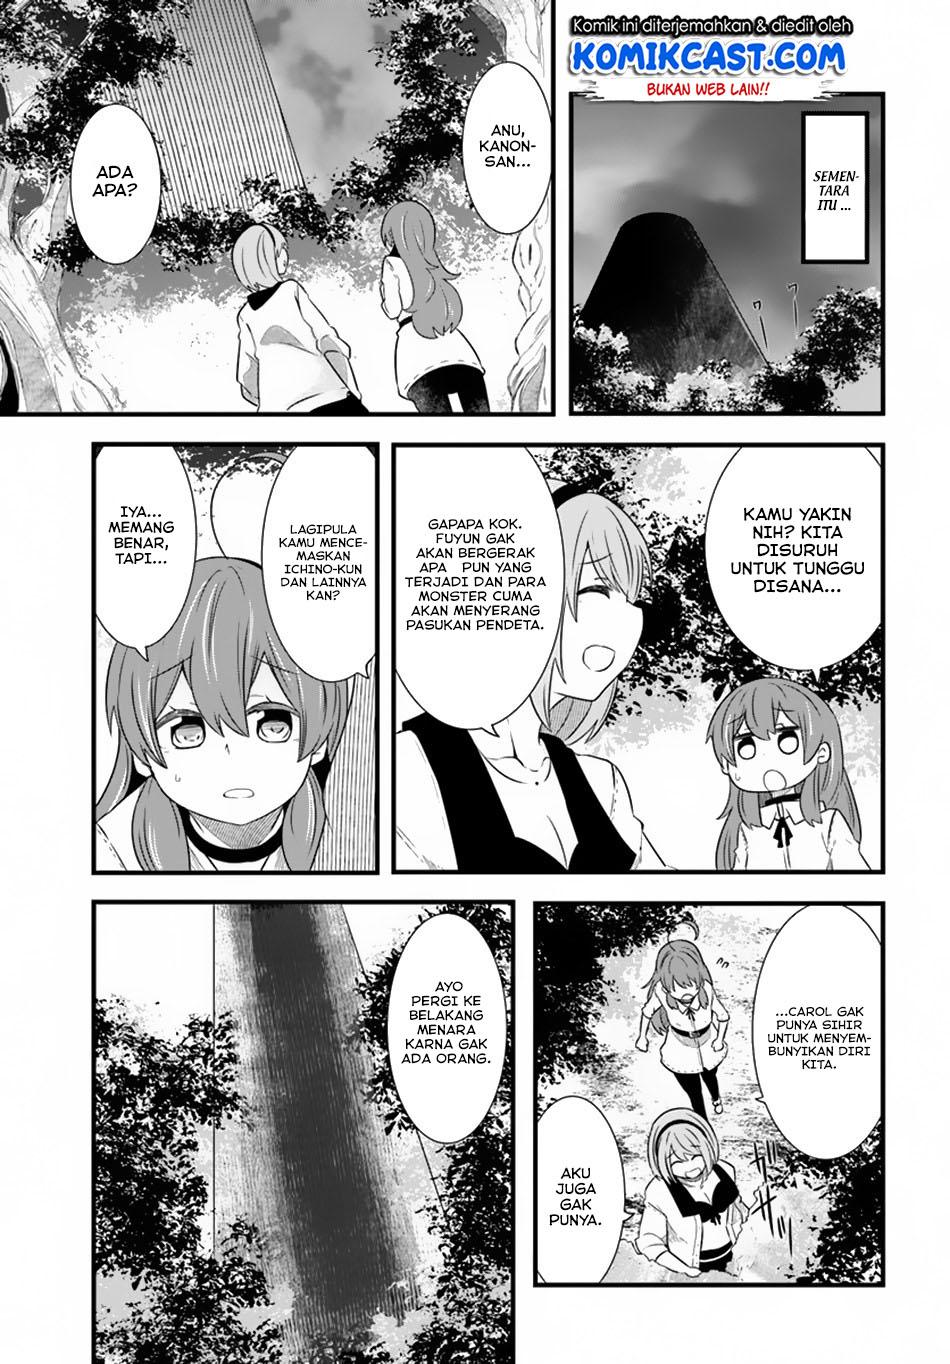 Seichou Cheat de Nandemo Dekiru you ni Natta ga, Mushoku dake wa Yamerarenai you desu: Chapter 24 - Page 28